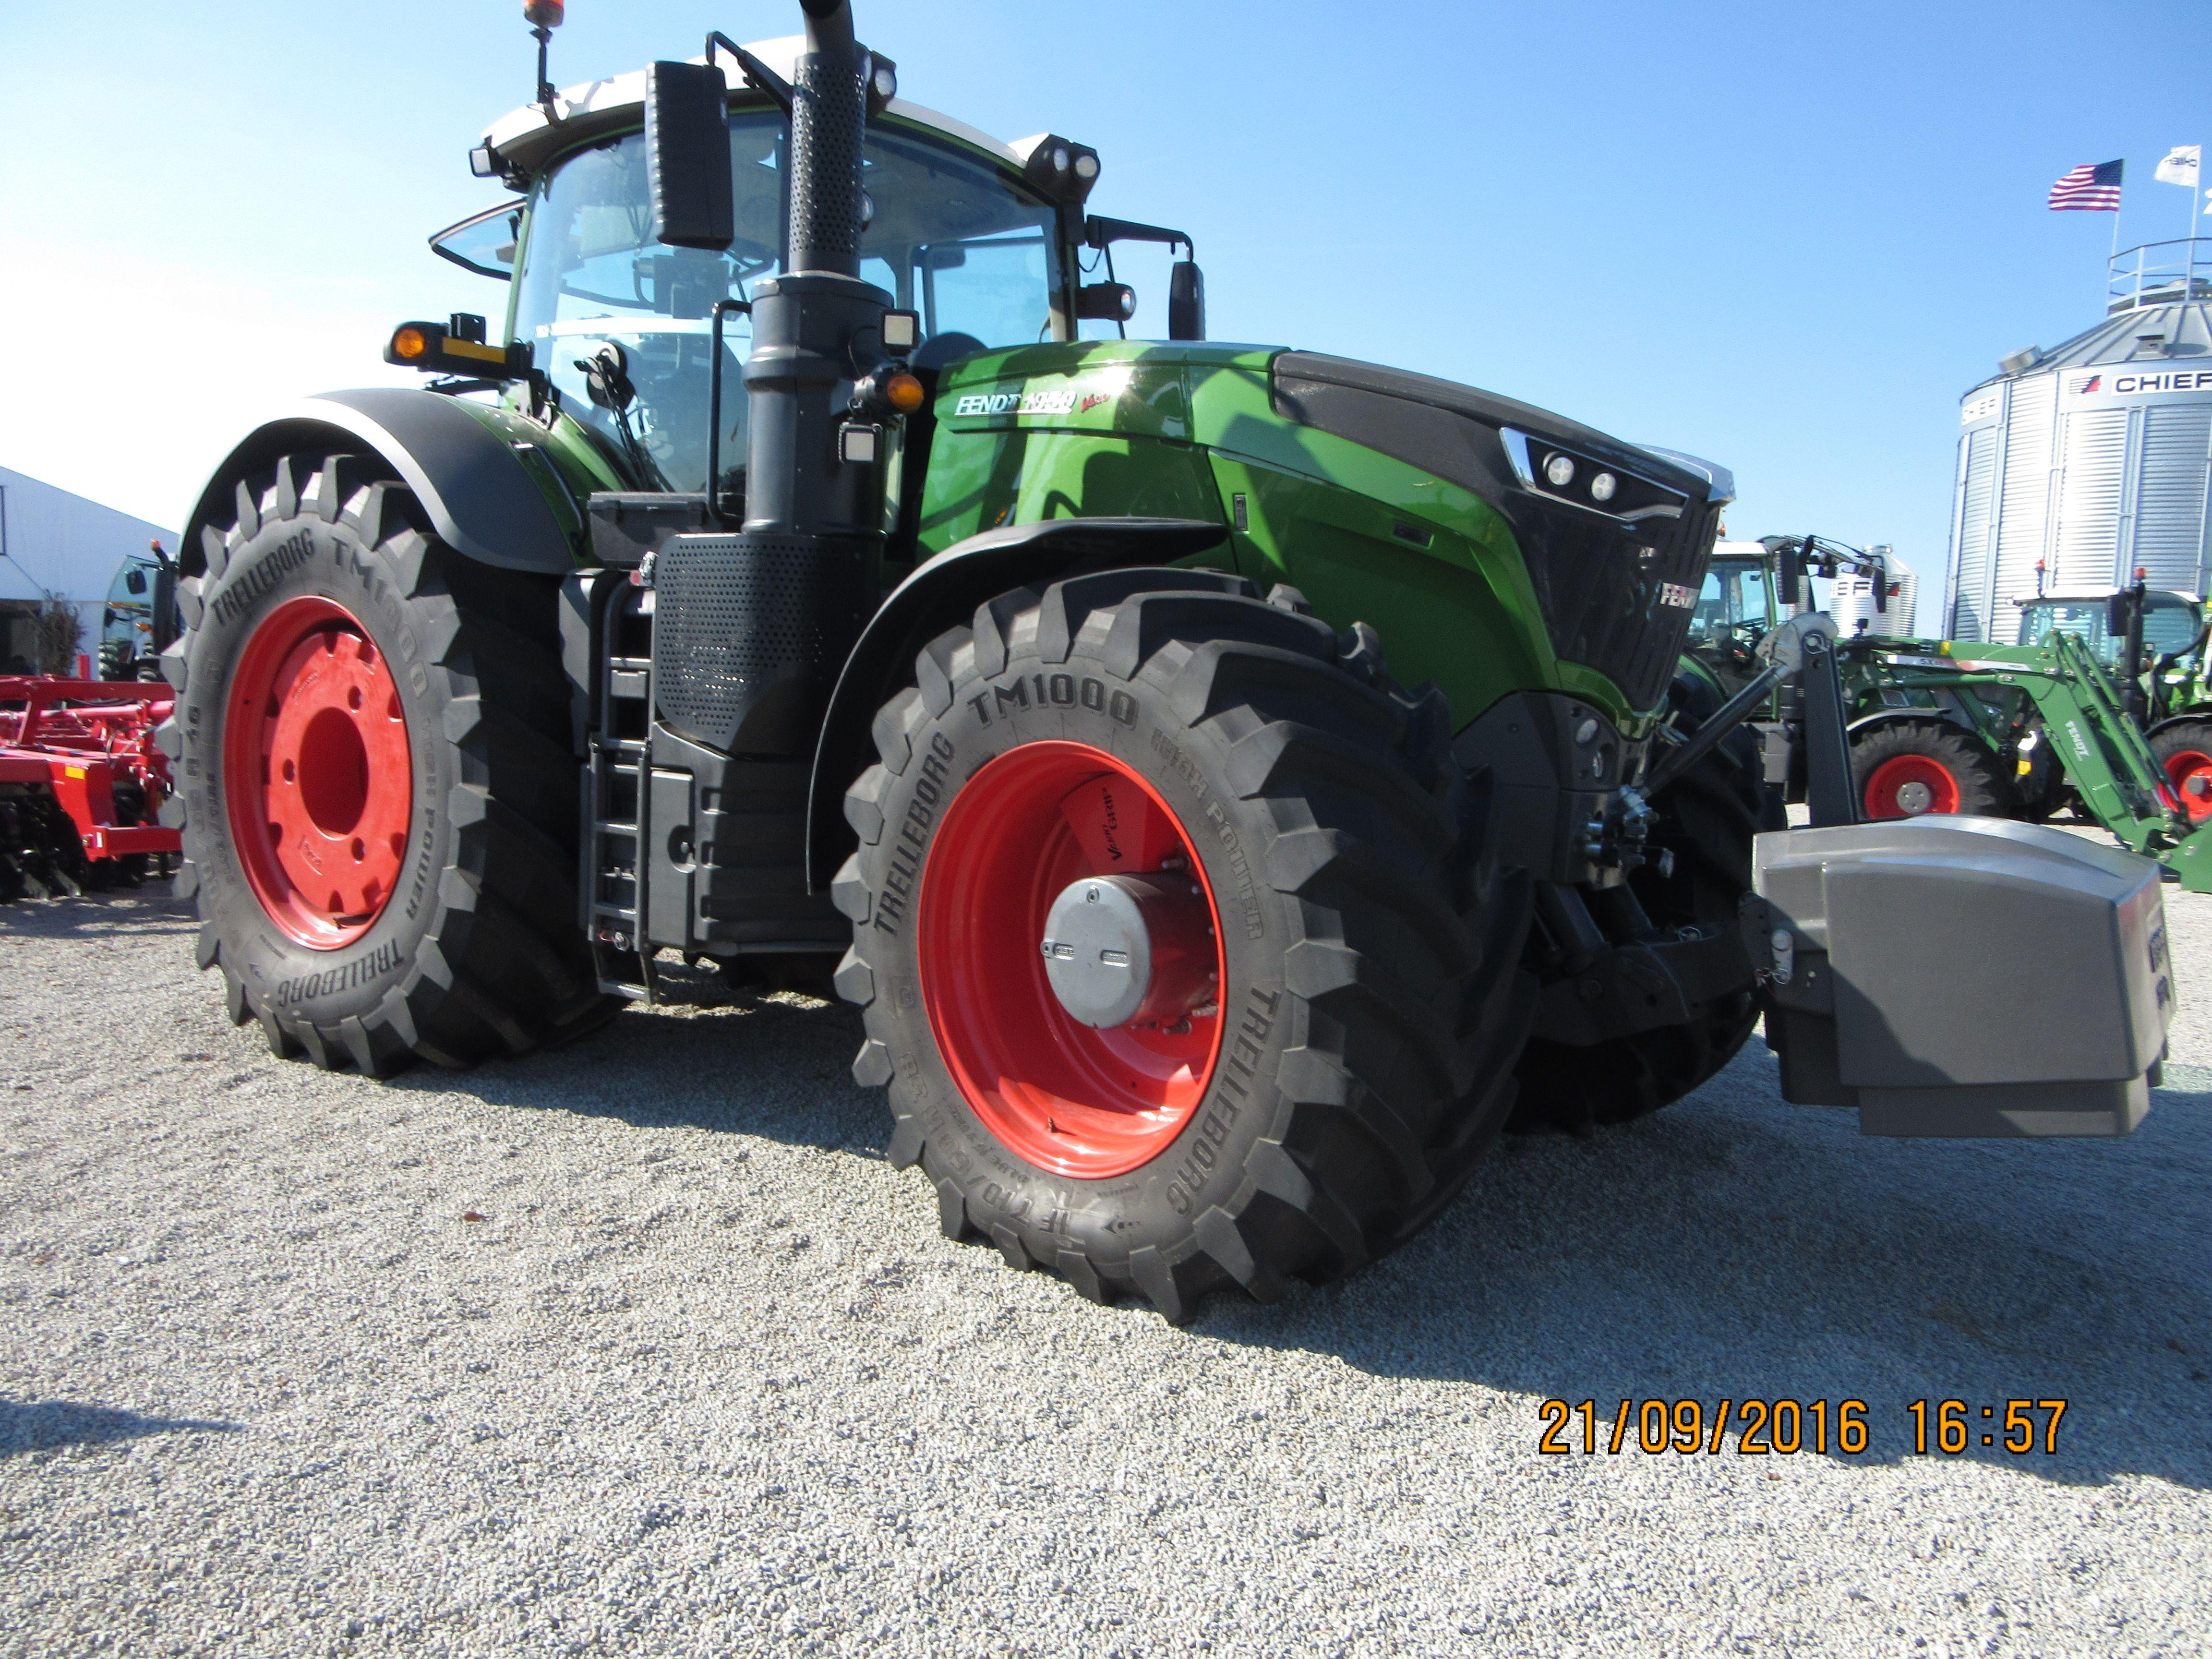 Ausmalbilder Traktor Mit Ladewagen : New Fendt 1050 Made In Germany My Tractor Pictures Pinterest